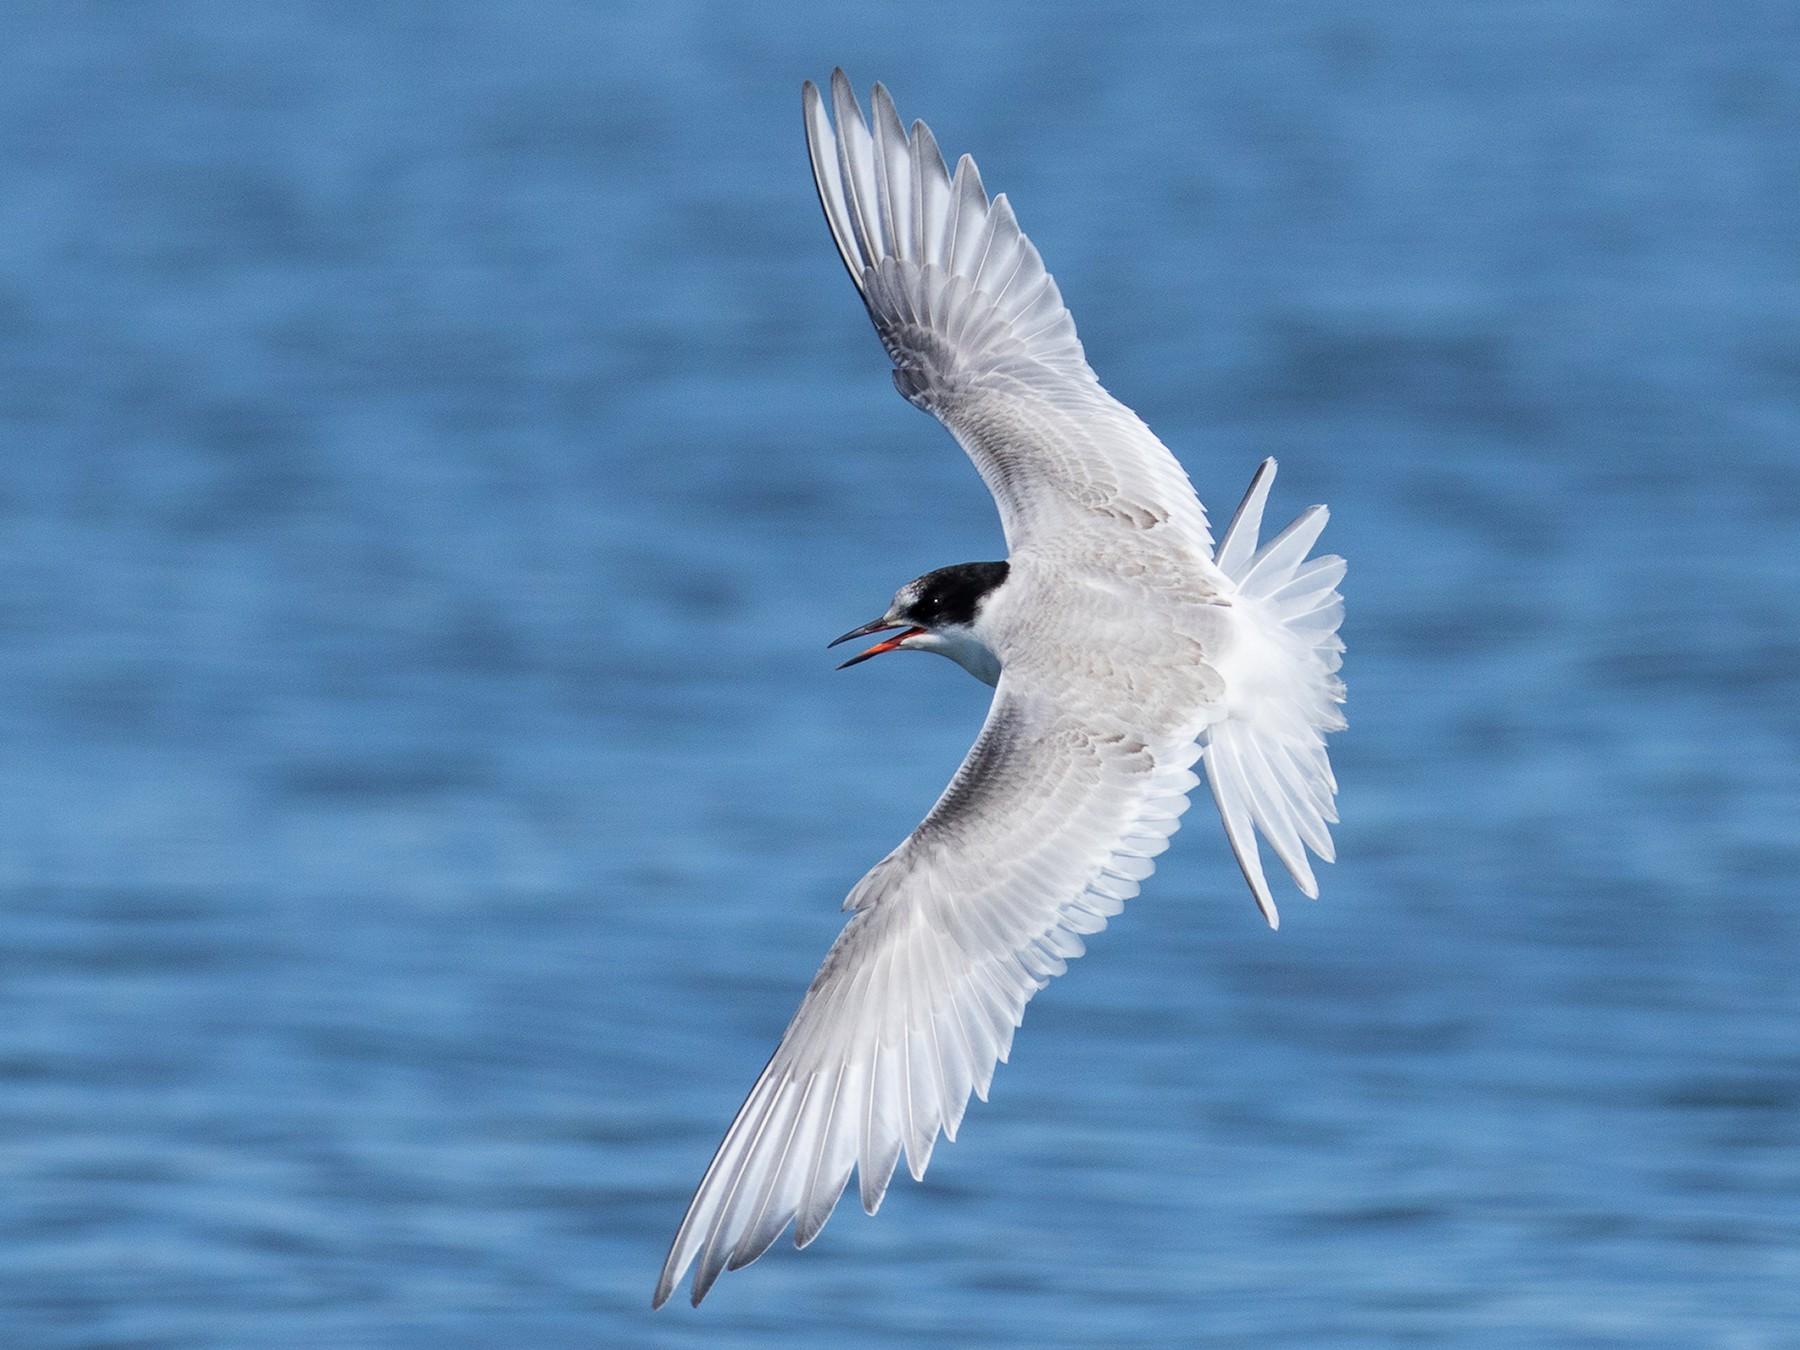 Arctic Tern - Ilya Povalyaev